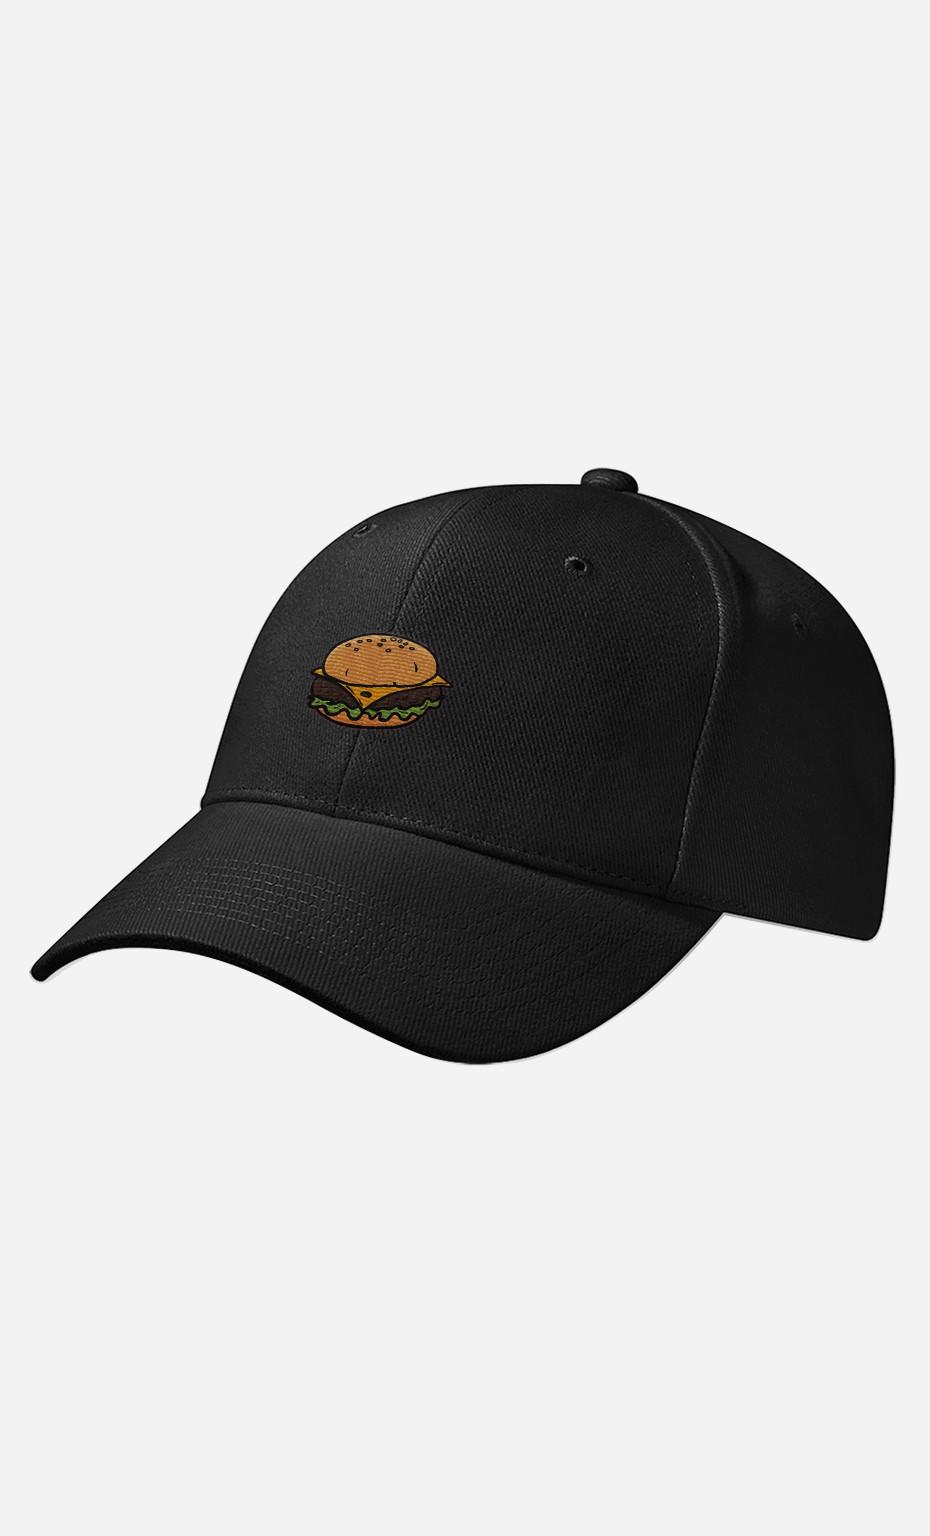 Cap Burger